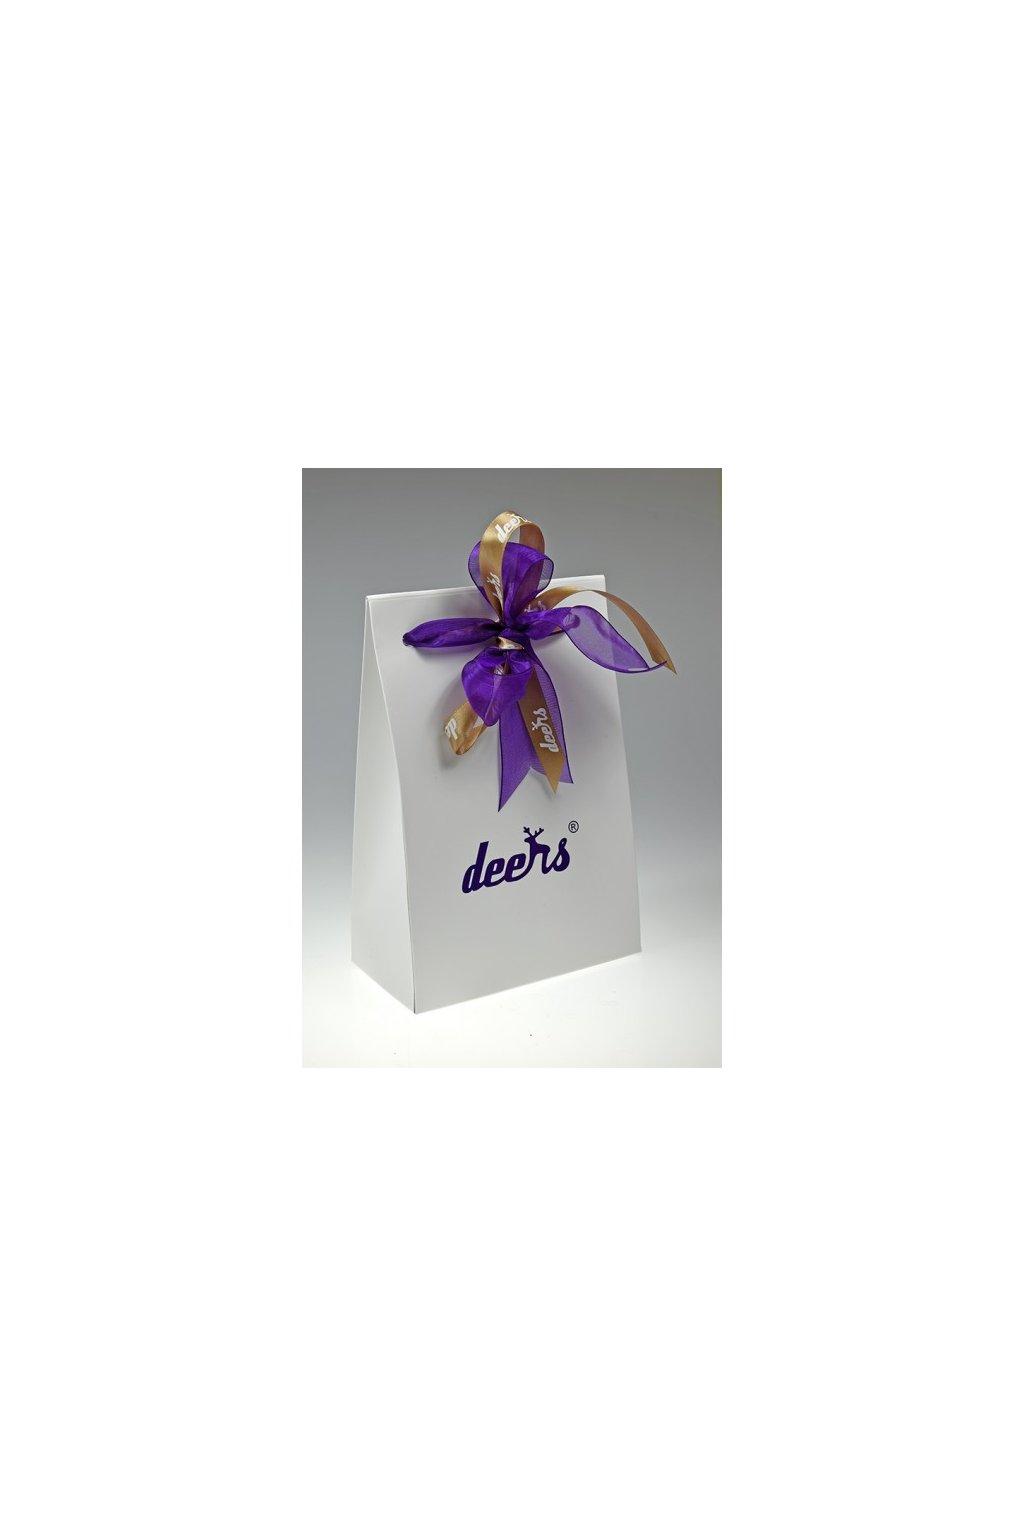 darkova krabicka deers s atlasovou masli 6